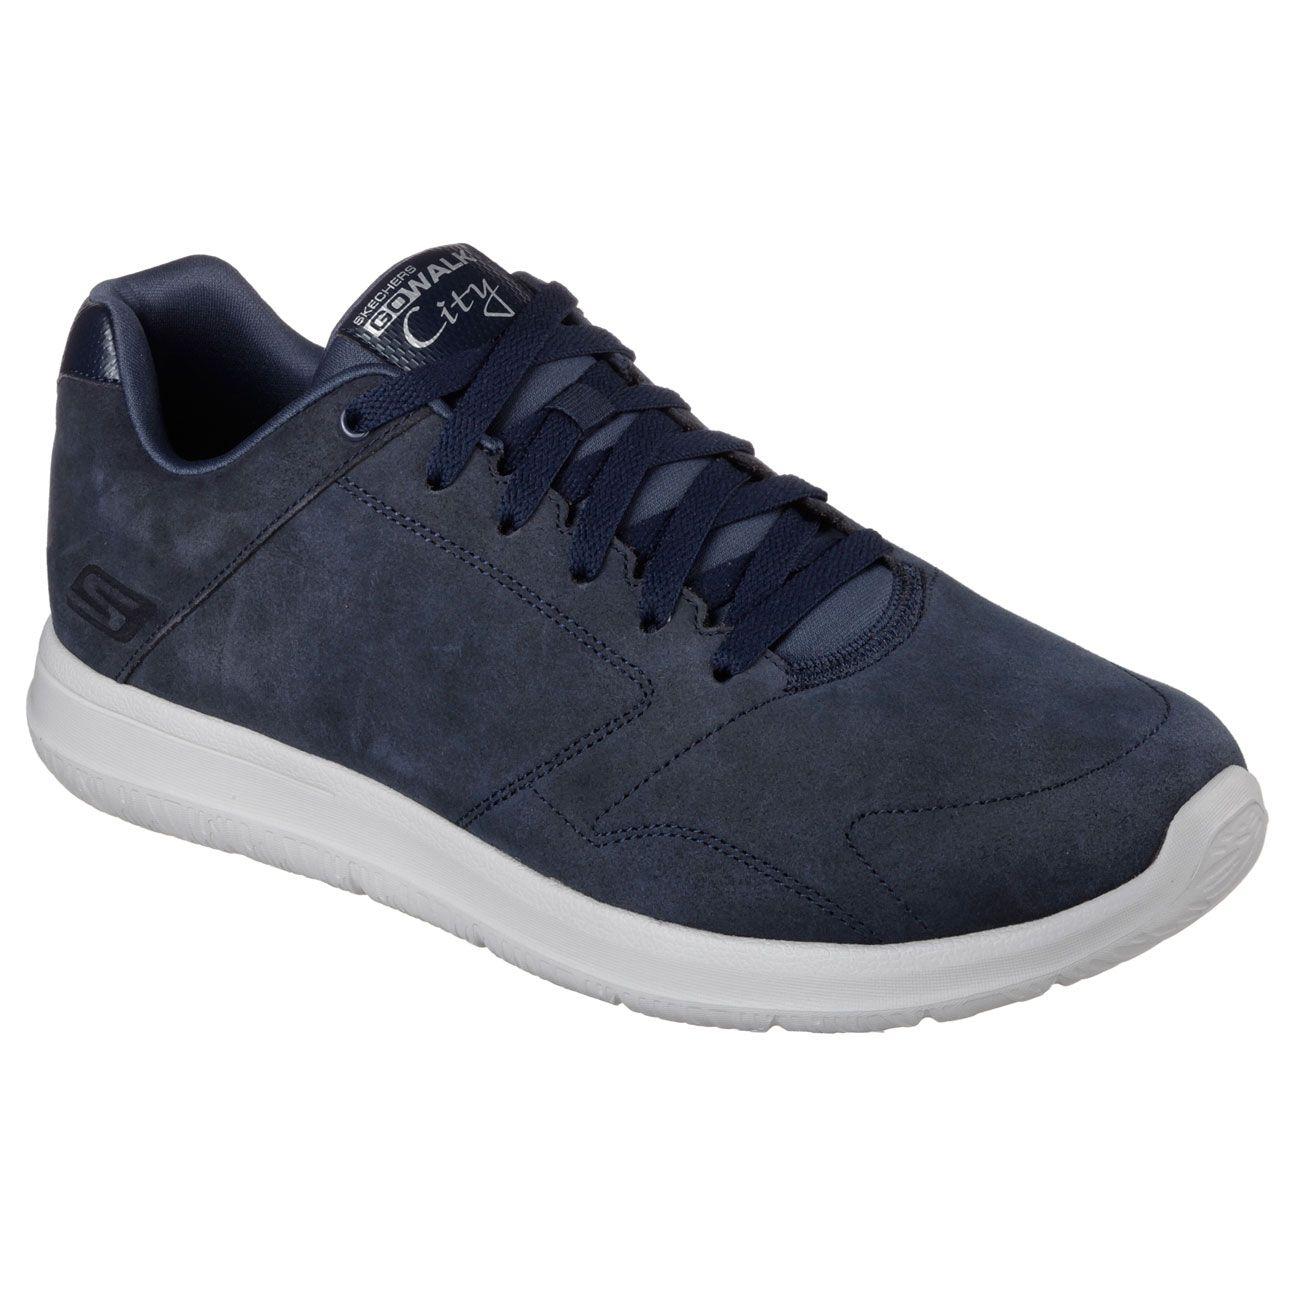 Skechers Walking Shoes Men S